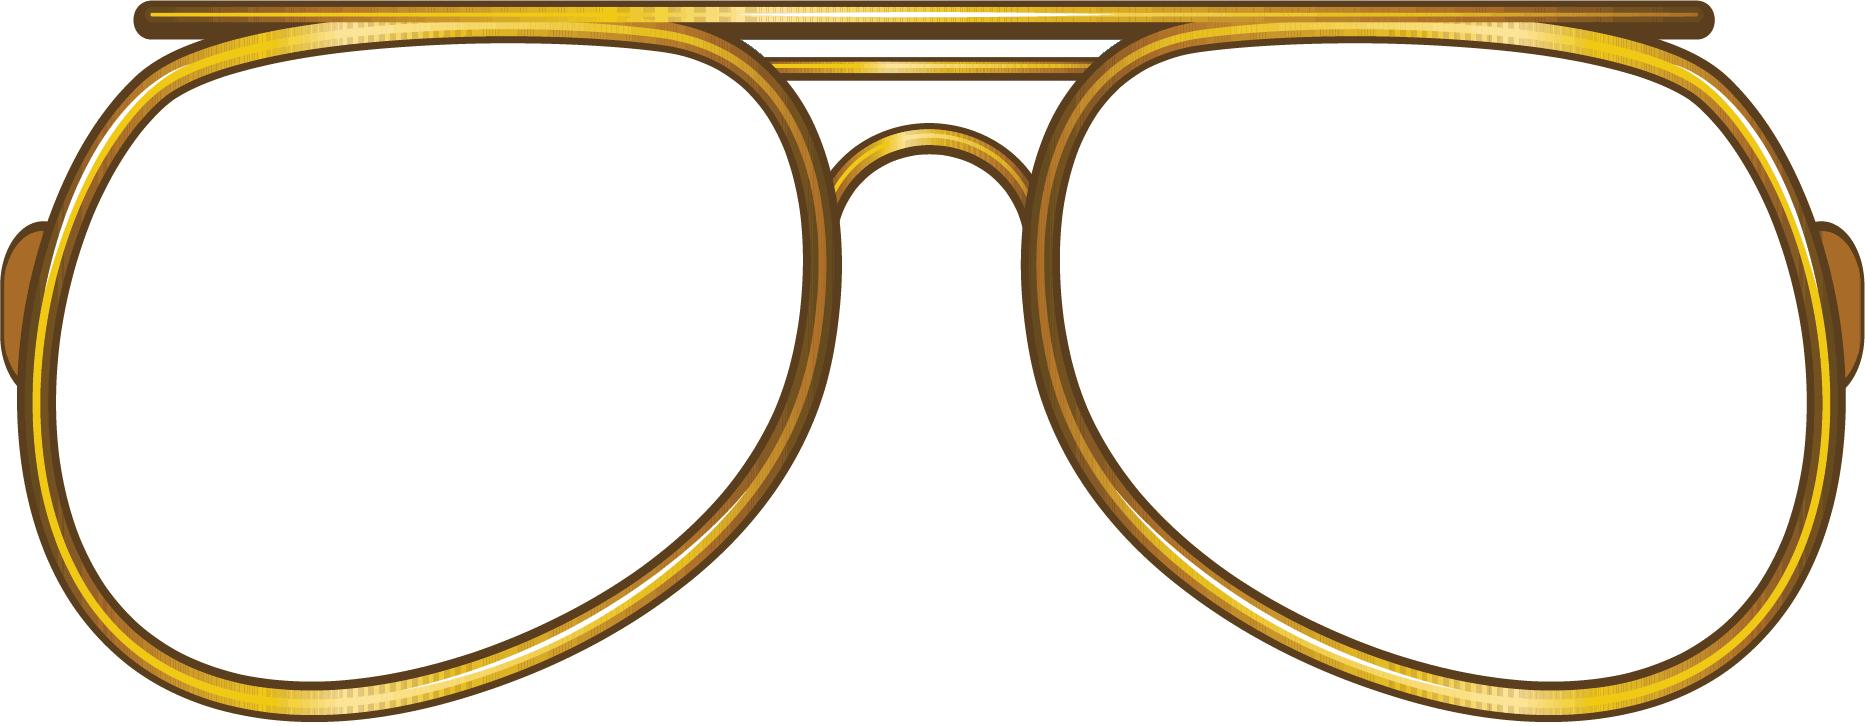 Eyeball clipart round glass Glasses Eye Cliparts Zone Glasses